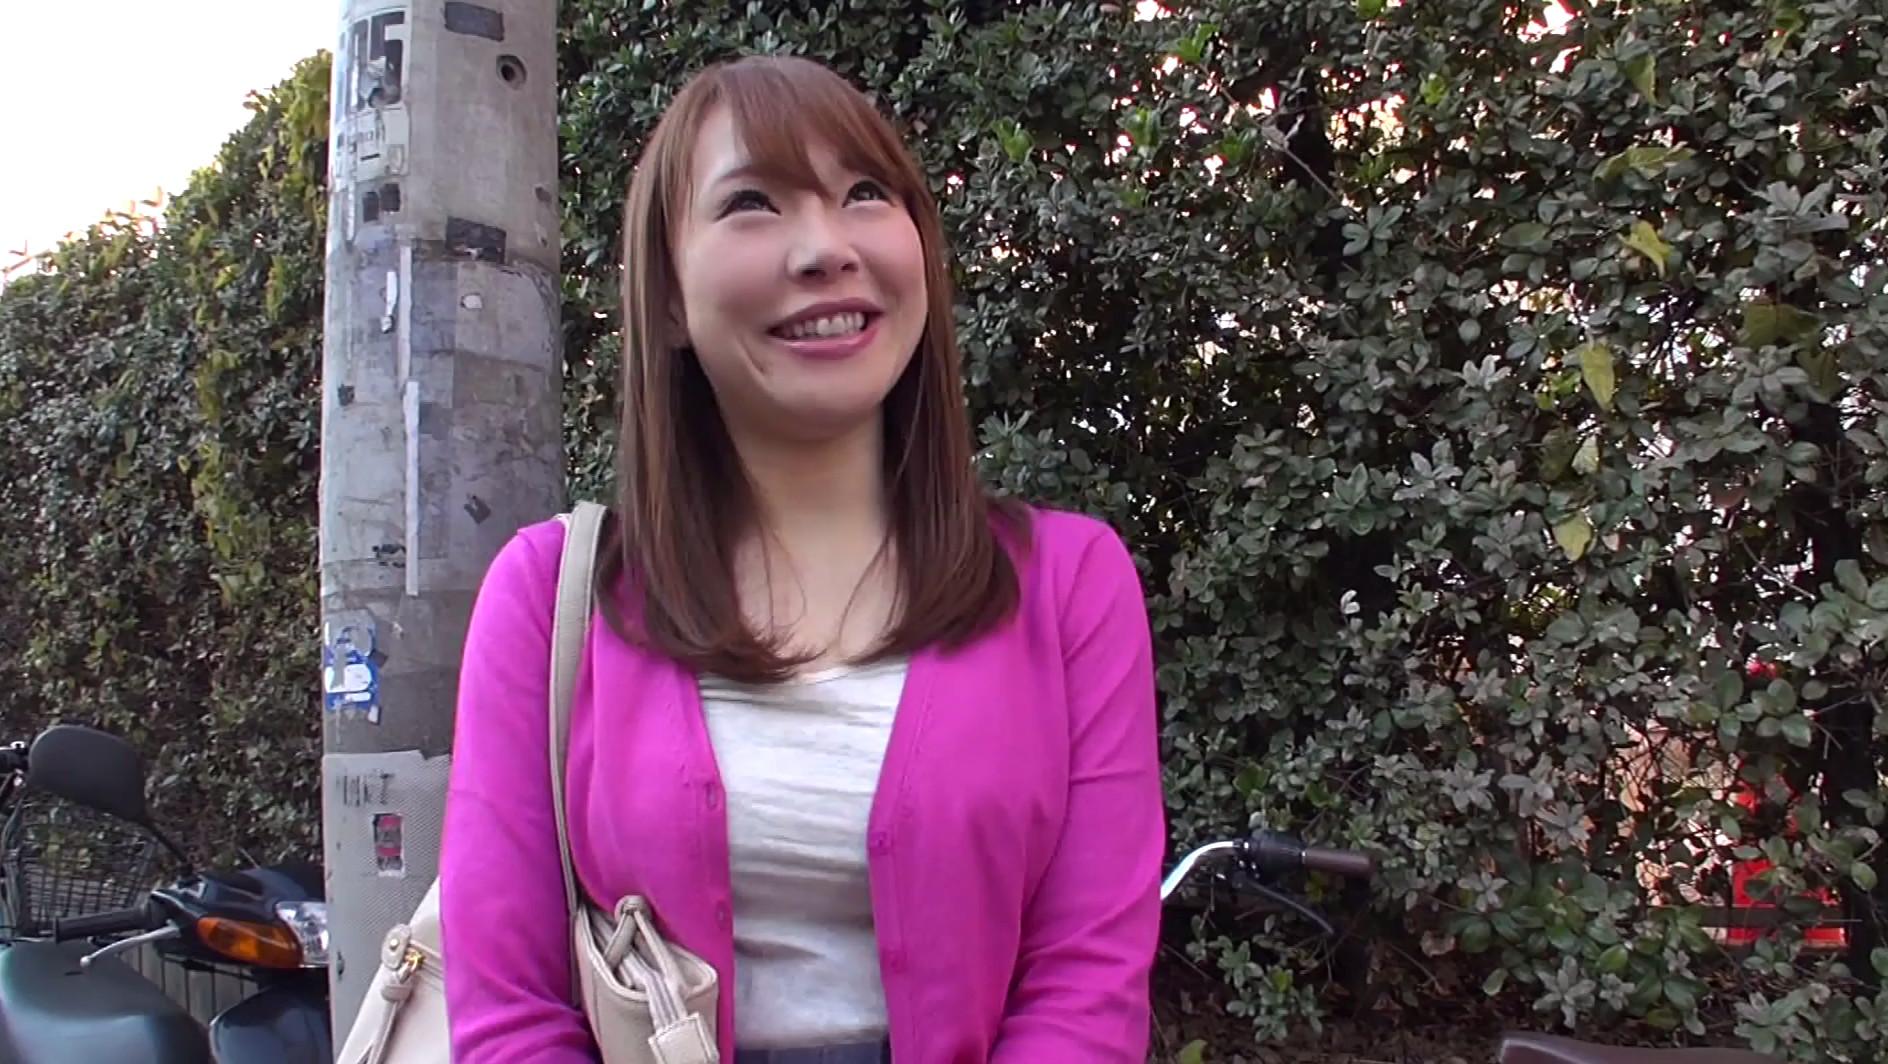 しもぞう.com 「ヘンリー塚本」の無料エロ動画   - 3P目